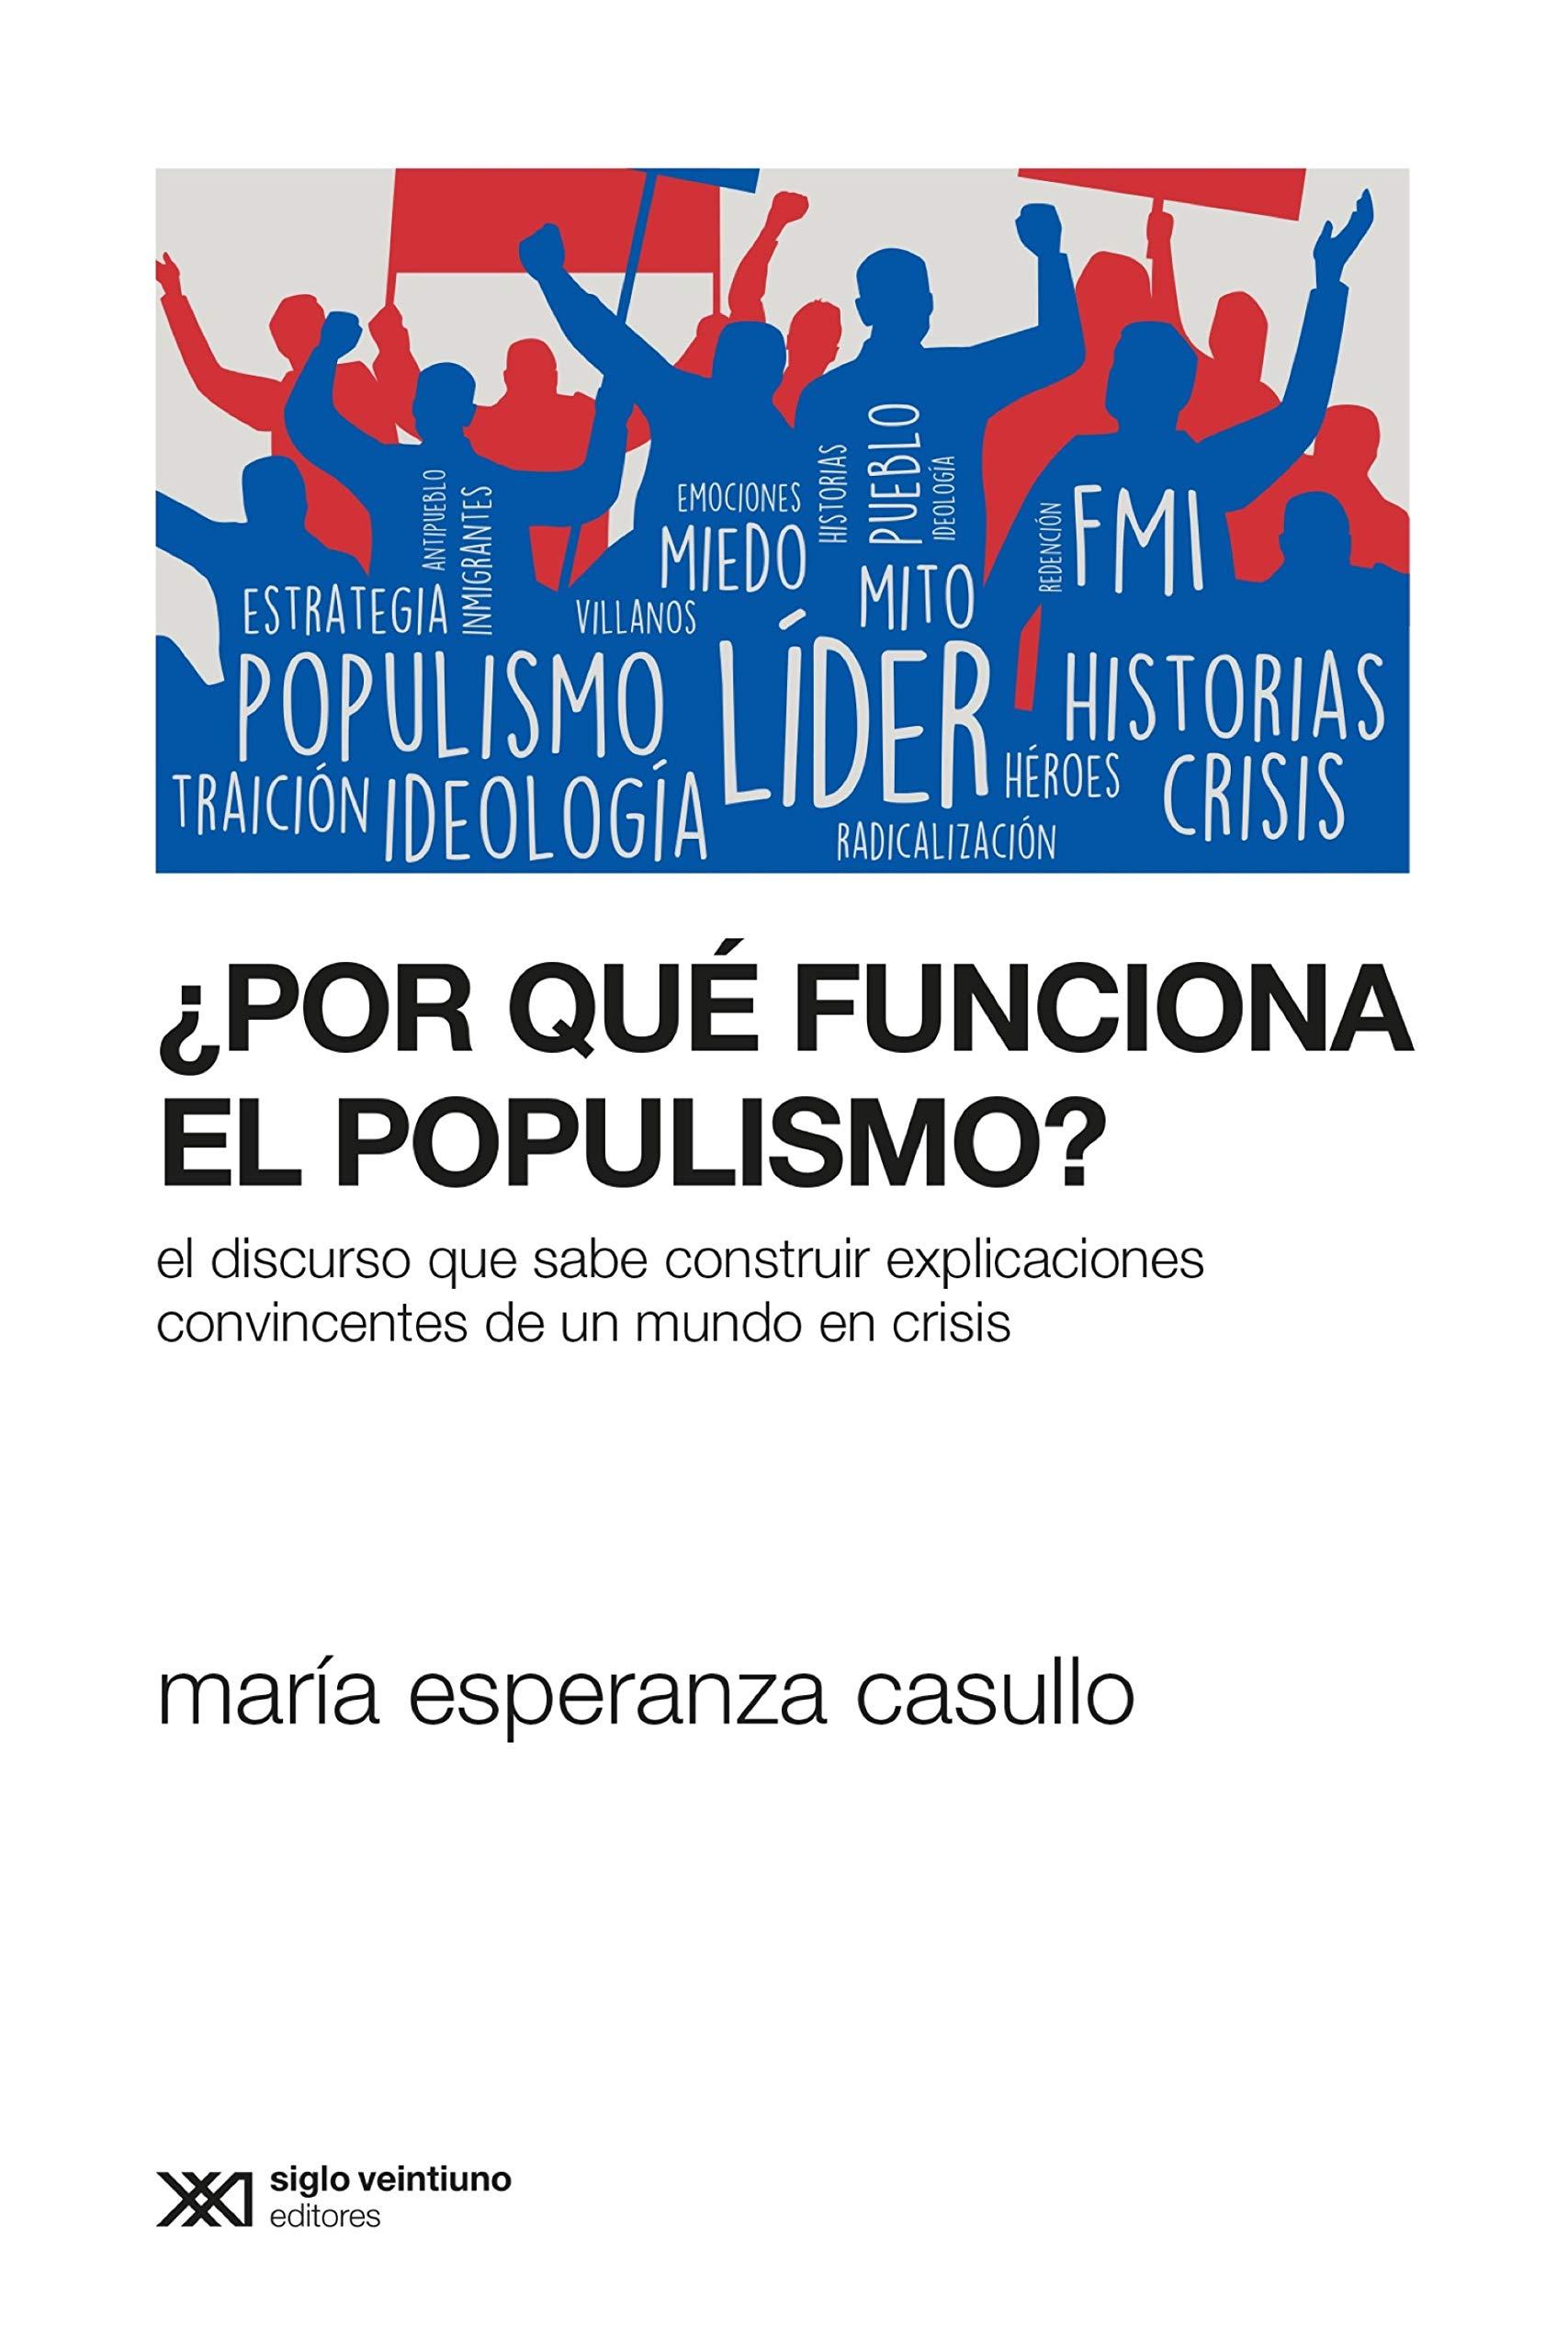 ¿Por qué funciona el populismo?: El discurso que sabe construir explicaciones convincentes de un mundo en crisis (Sociología y Política)